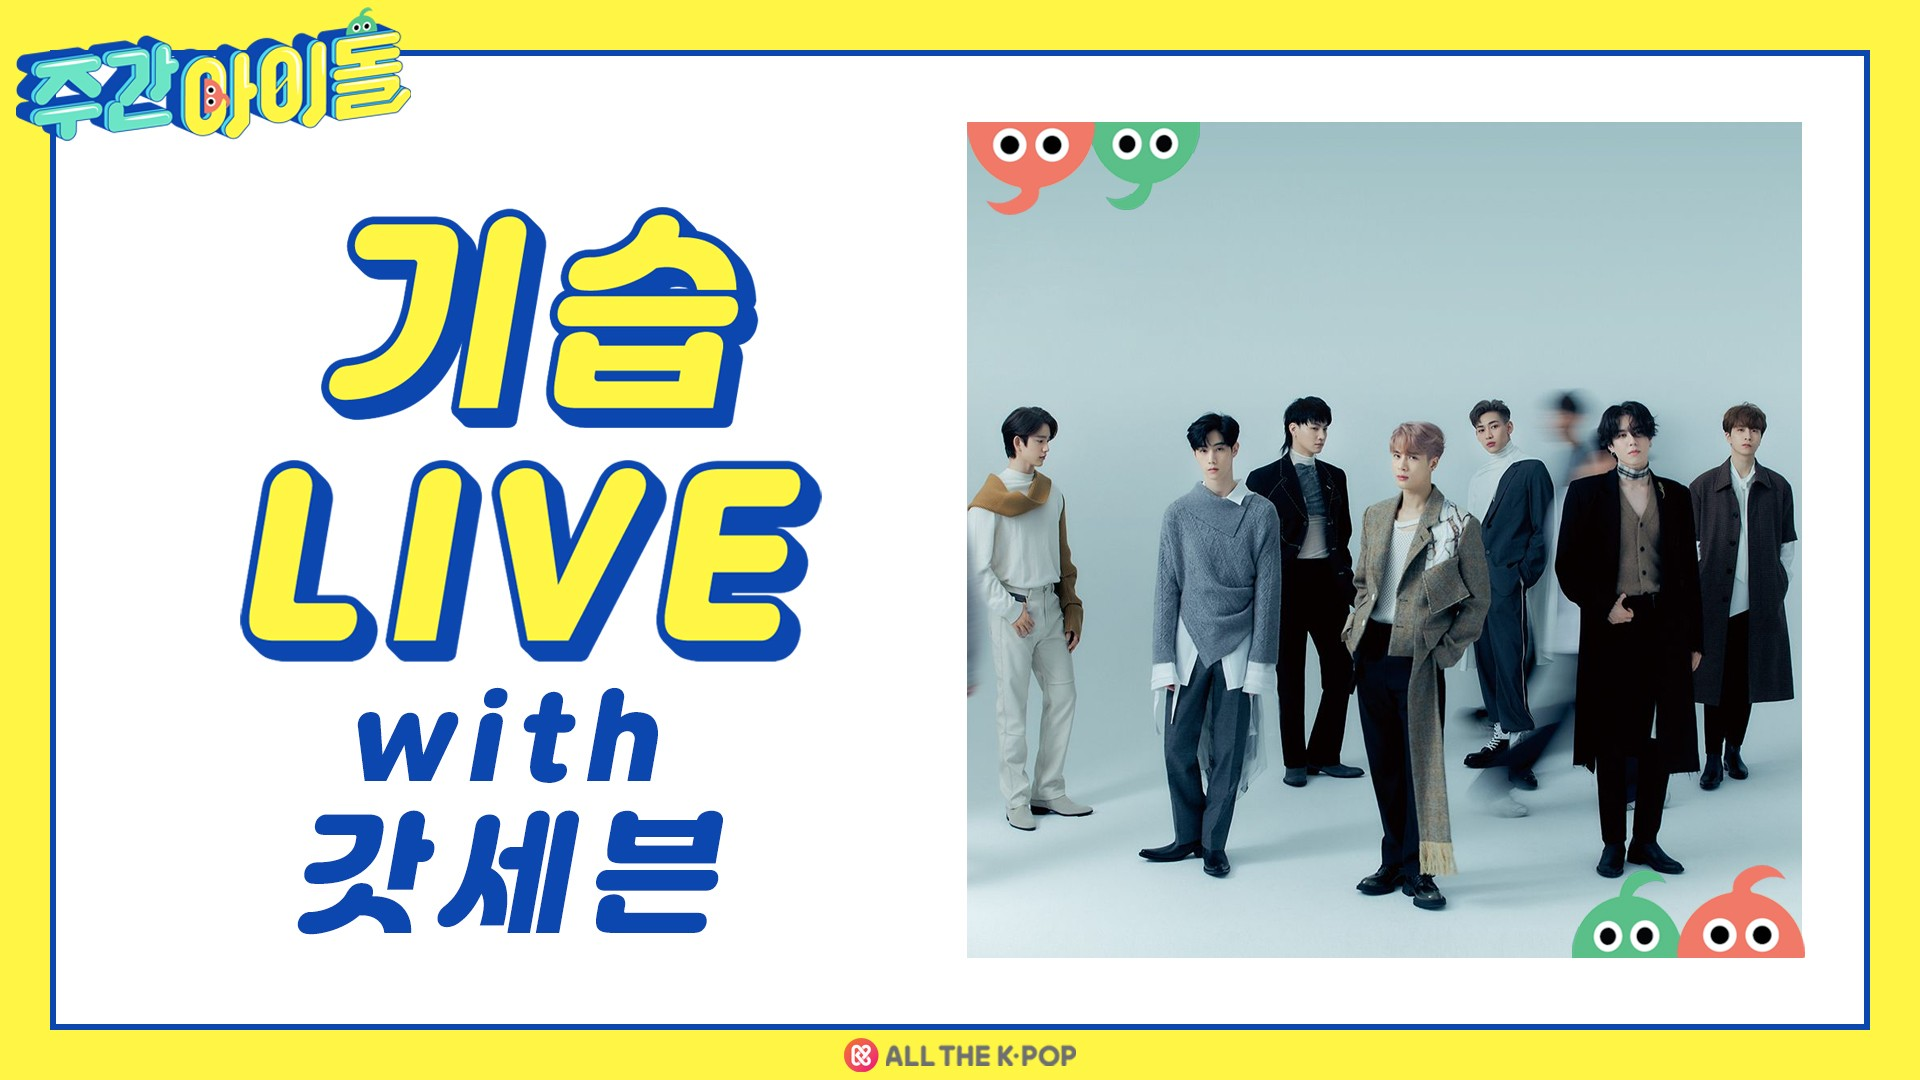 [주간아이돌] 기습 라이브 with 갓세븐